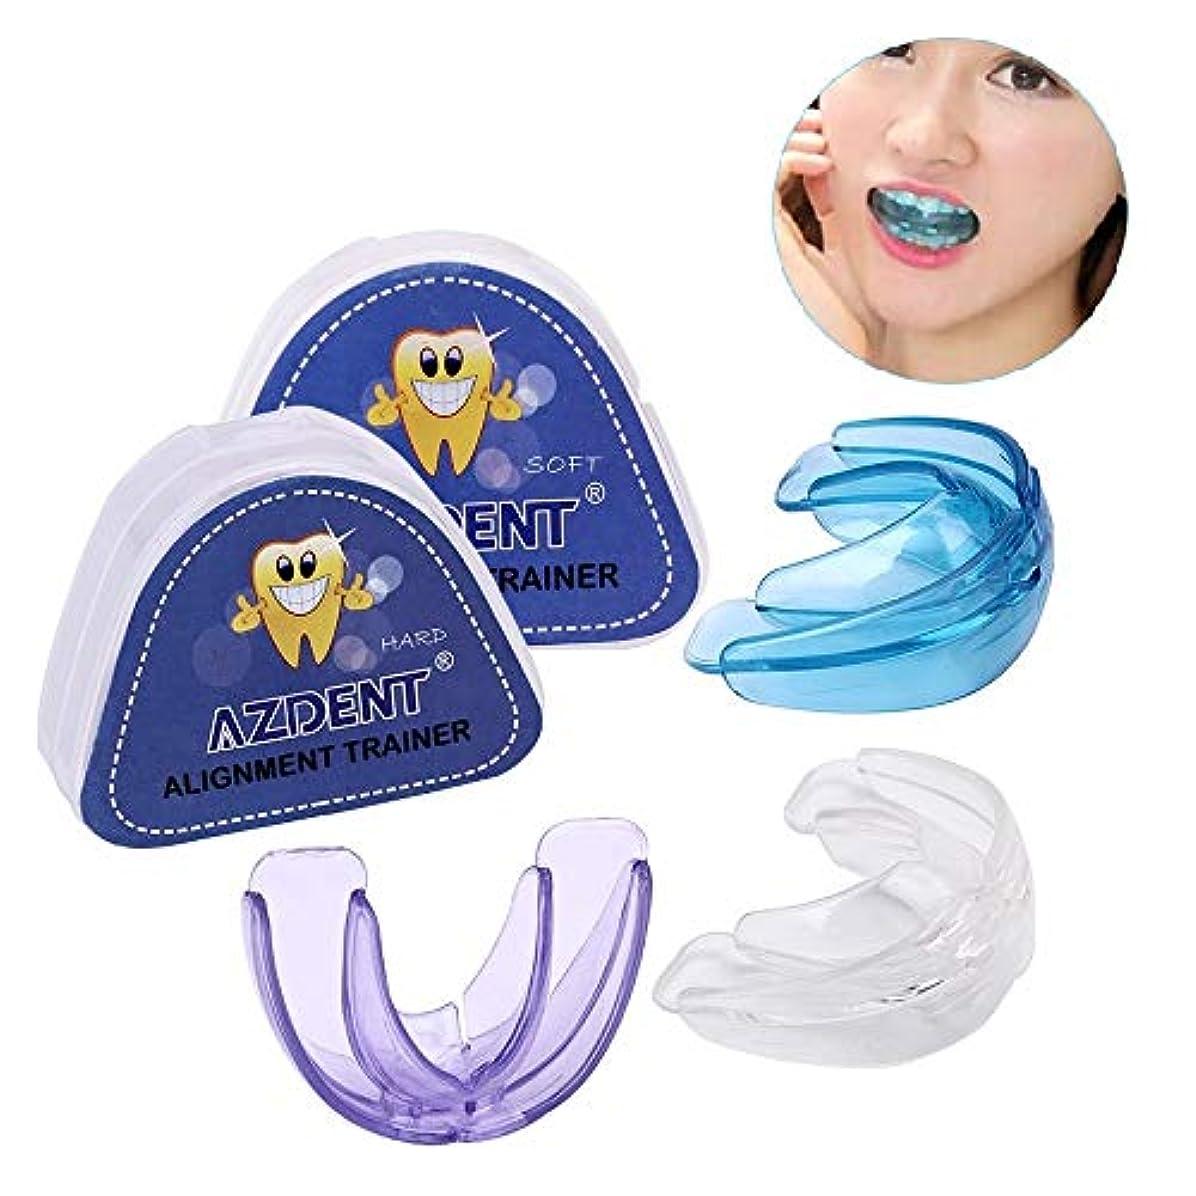 楕円形提供デザート1 SET(SOFT+HARD) Pro Silicone Tooth Orthodontic Dental Appliance Trainer Alignment Braces For Teeth Straight Alignment...